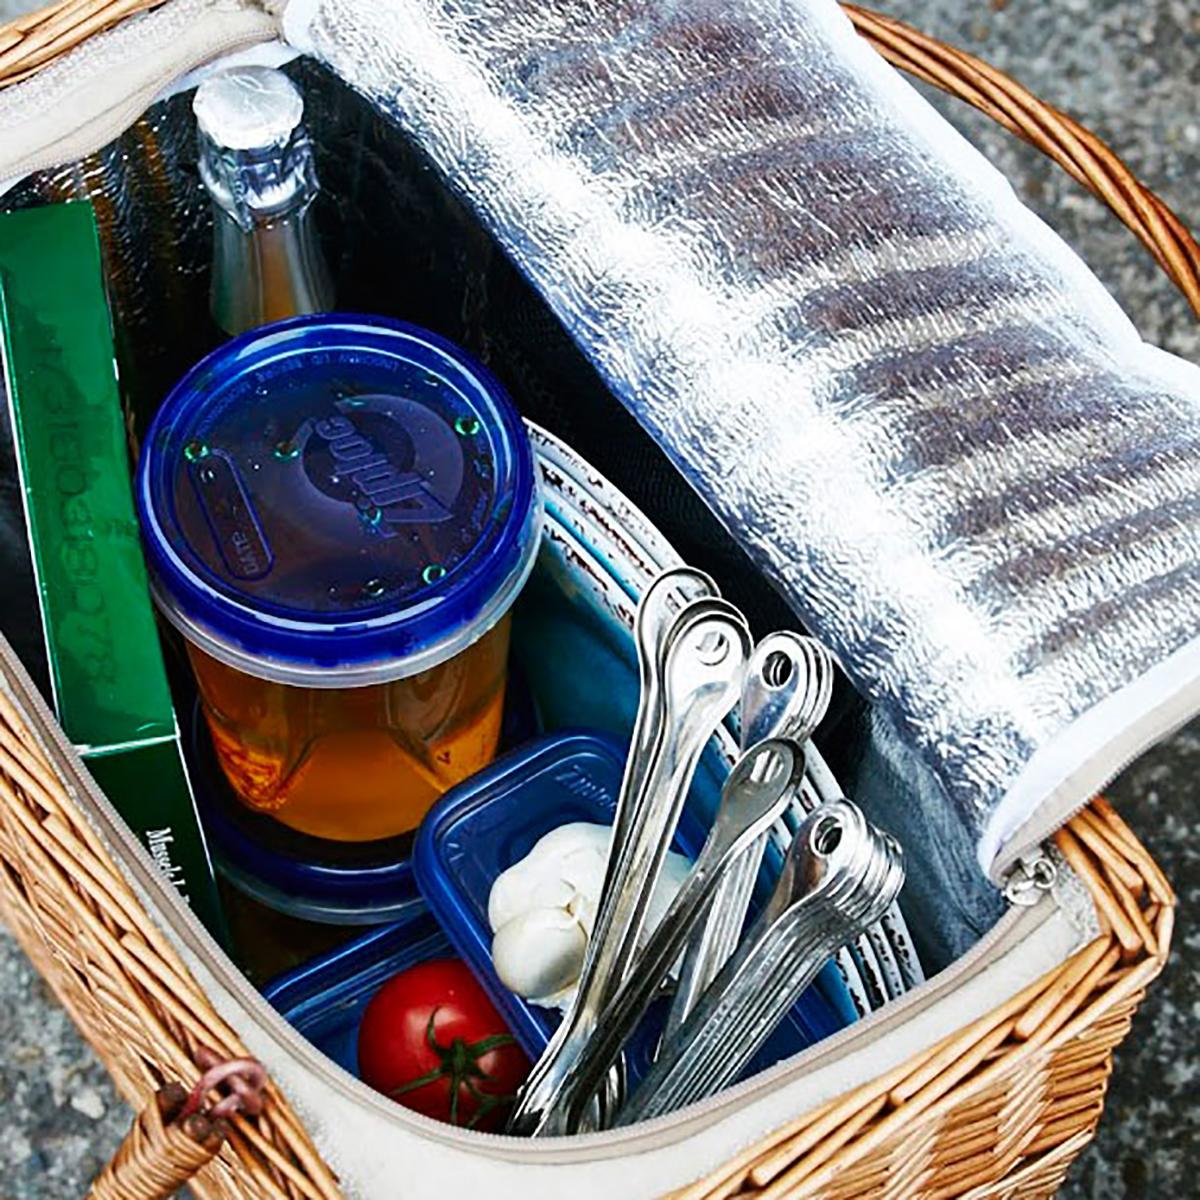 濡れても大丈夫。バーベキューの食材入れにもなるバスケット型の便利な保冷バッグ|チェルシーフードクーラー